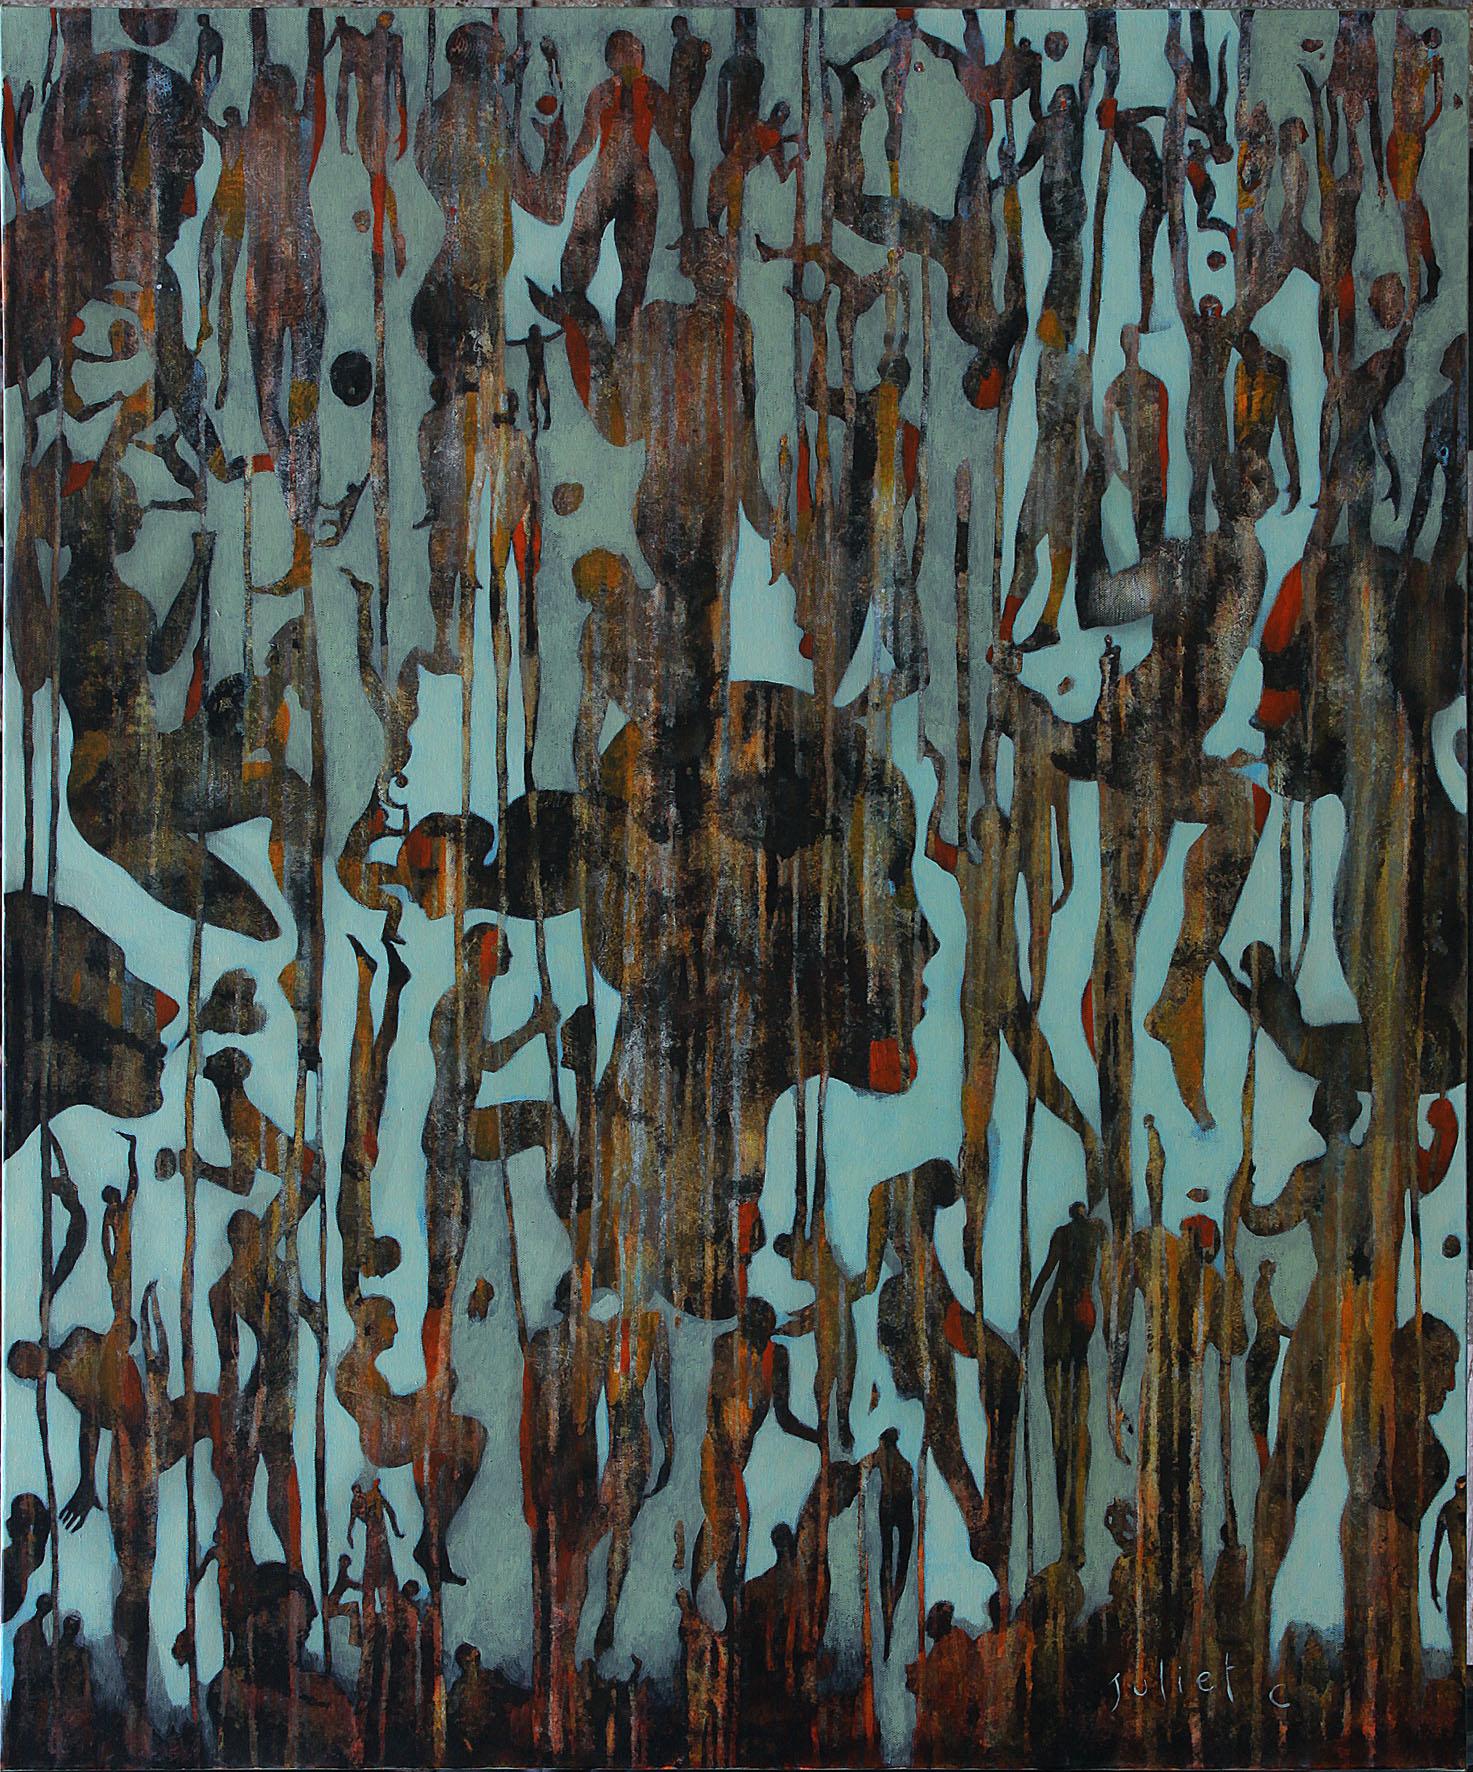 HIVER UN CIRQUE acrylique sur toile 120x100 cm